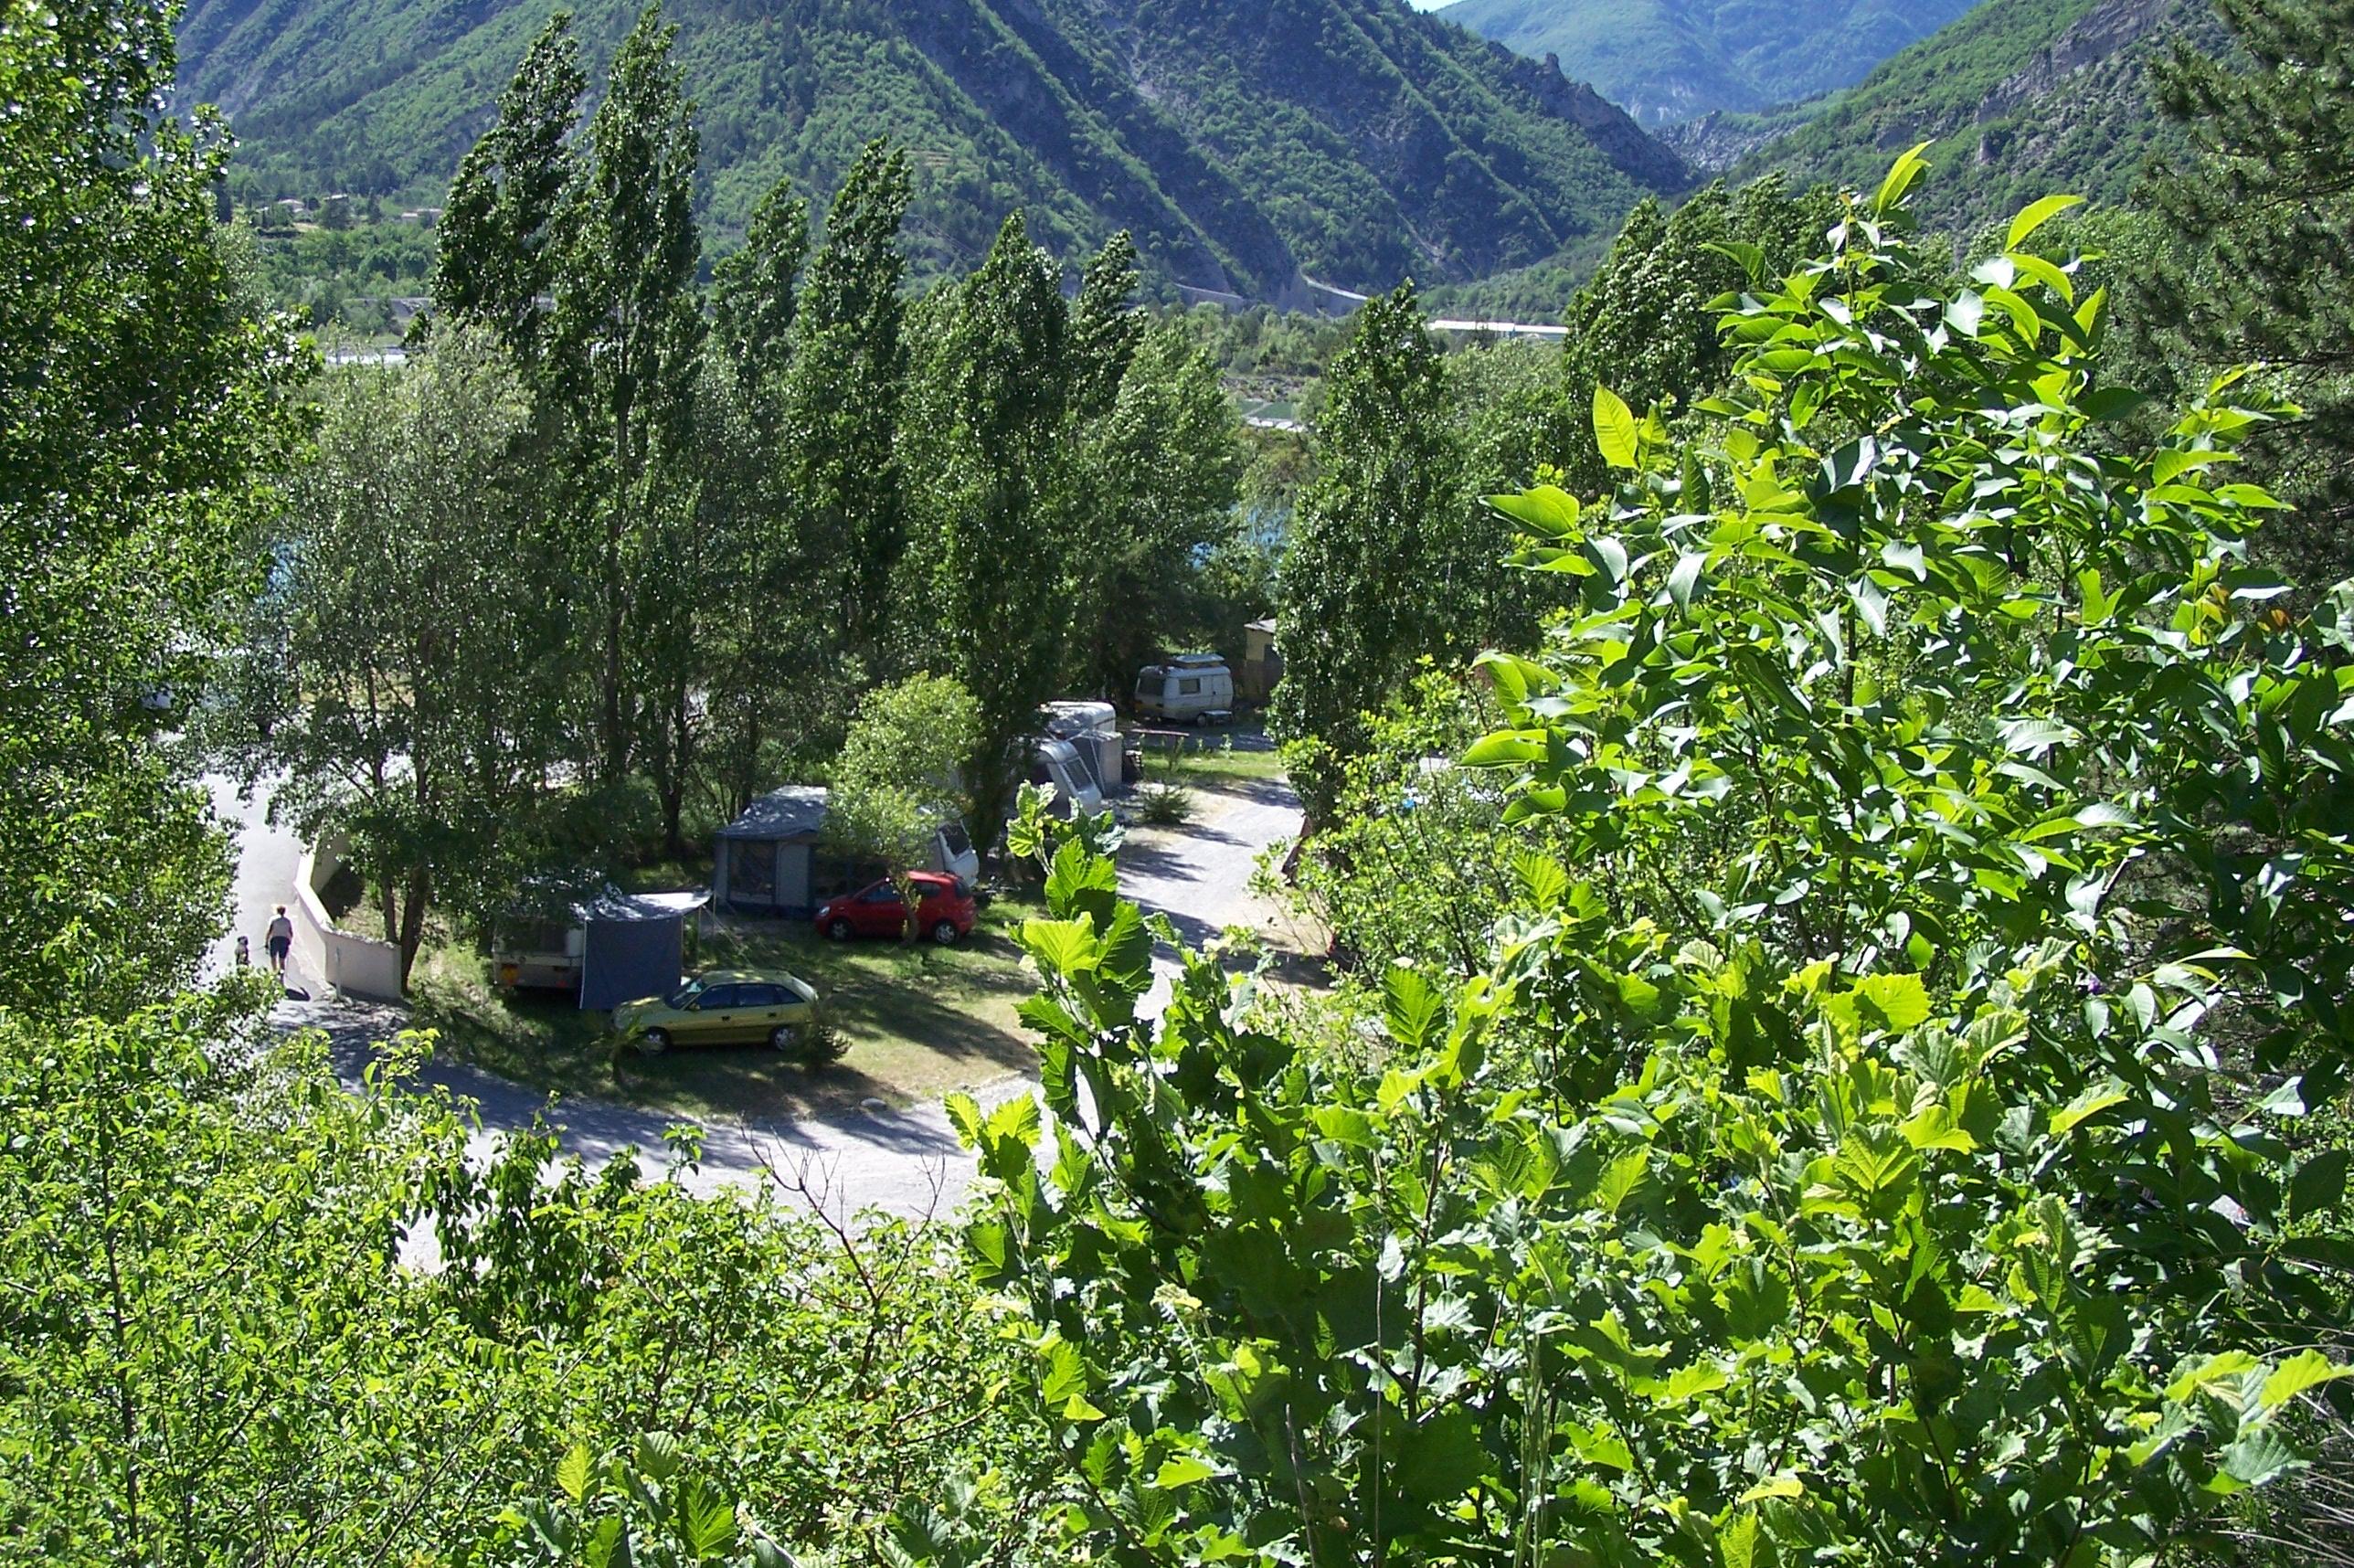 Emplacement - Emplacement + 1 Véhicule + Caravane Ou Camping-Car + 1 Petite Tente - Camping du Brec